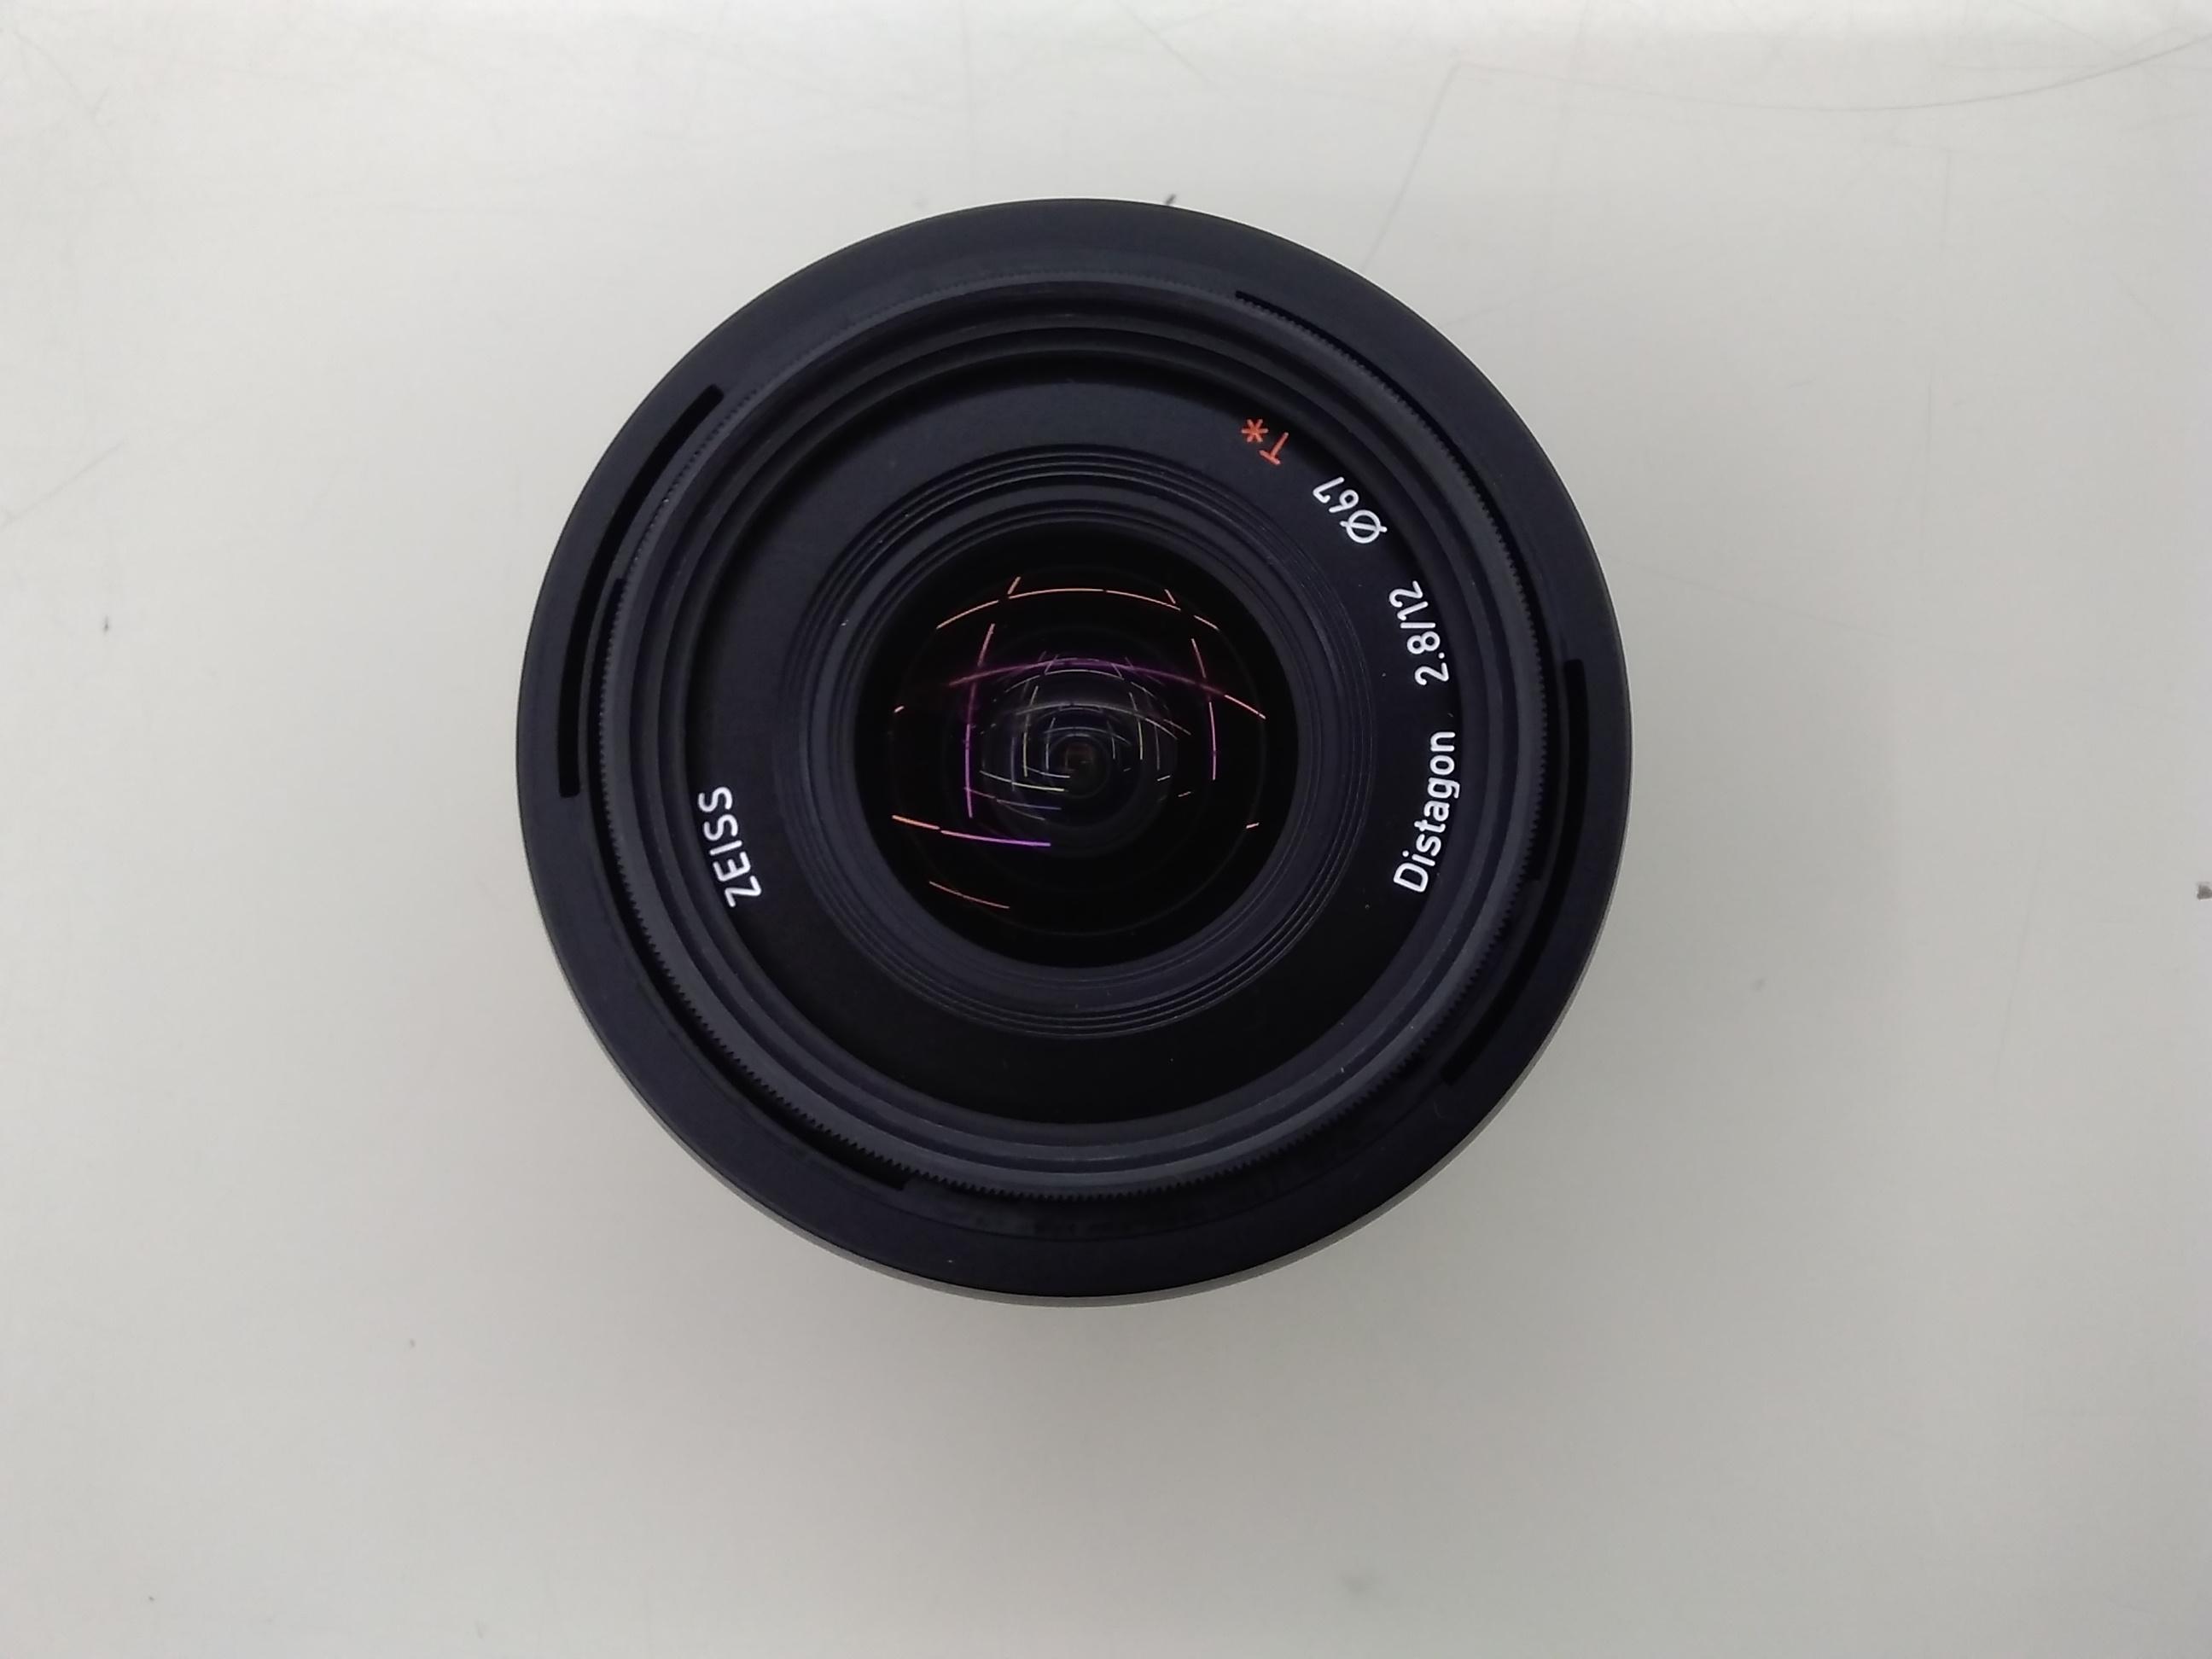 カメラアクセサリー関連商品|ZEISS